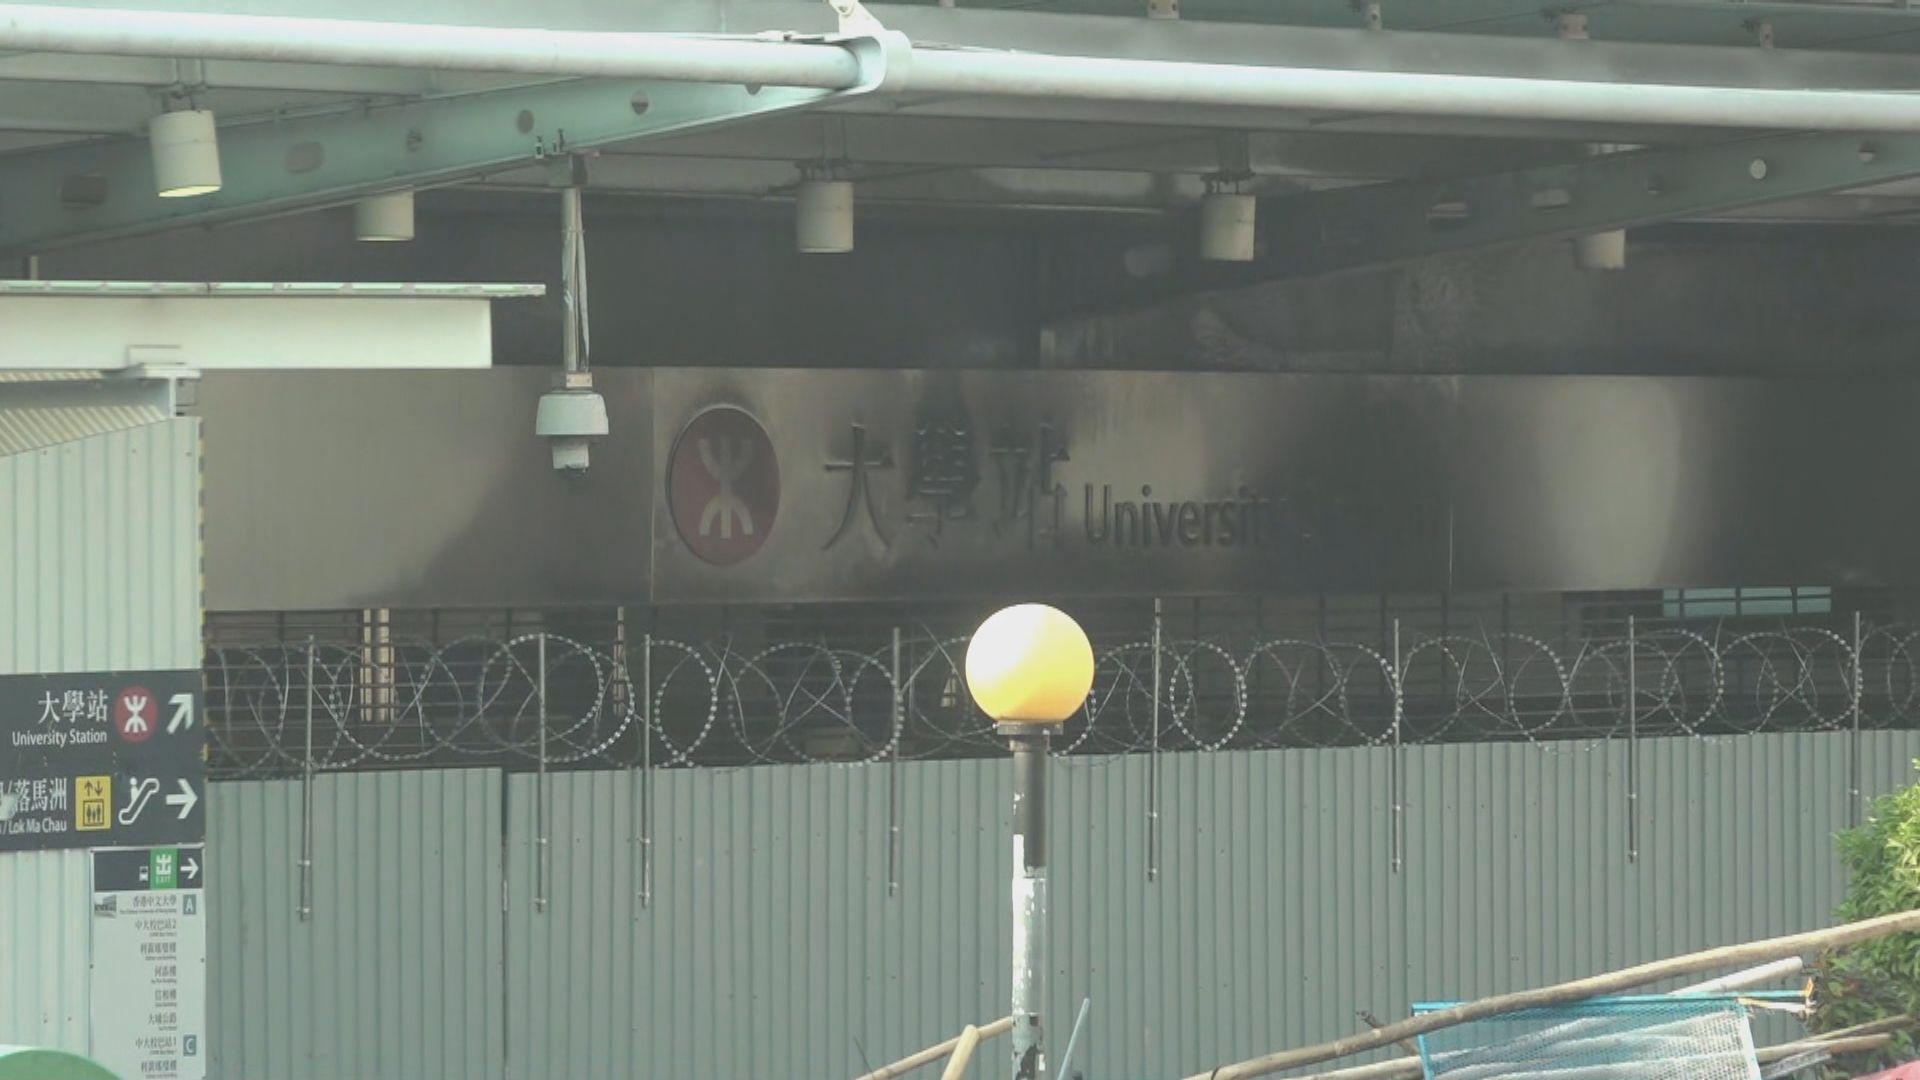 港鐵:大學站近乎要整個重建 盼月底局部重開